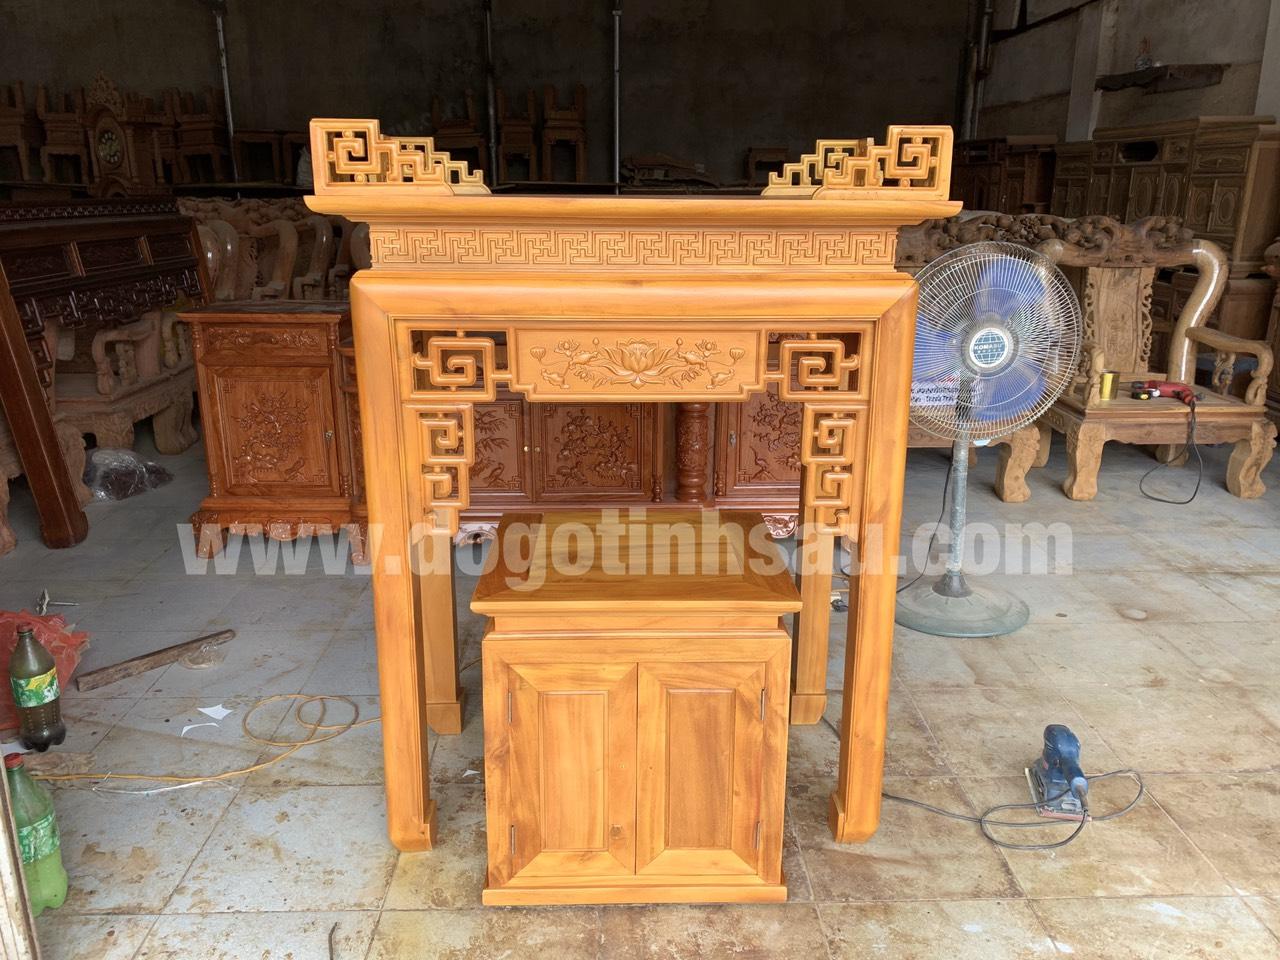 an gian tho chung cu go mit - Gợi ý cách chọn án gian thờ gỗ mít phù hợp với phòng thờ của gia đình